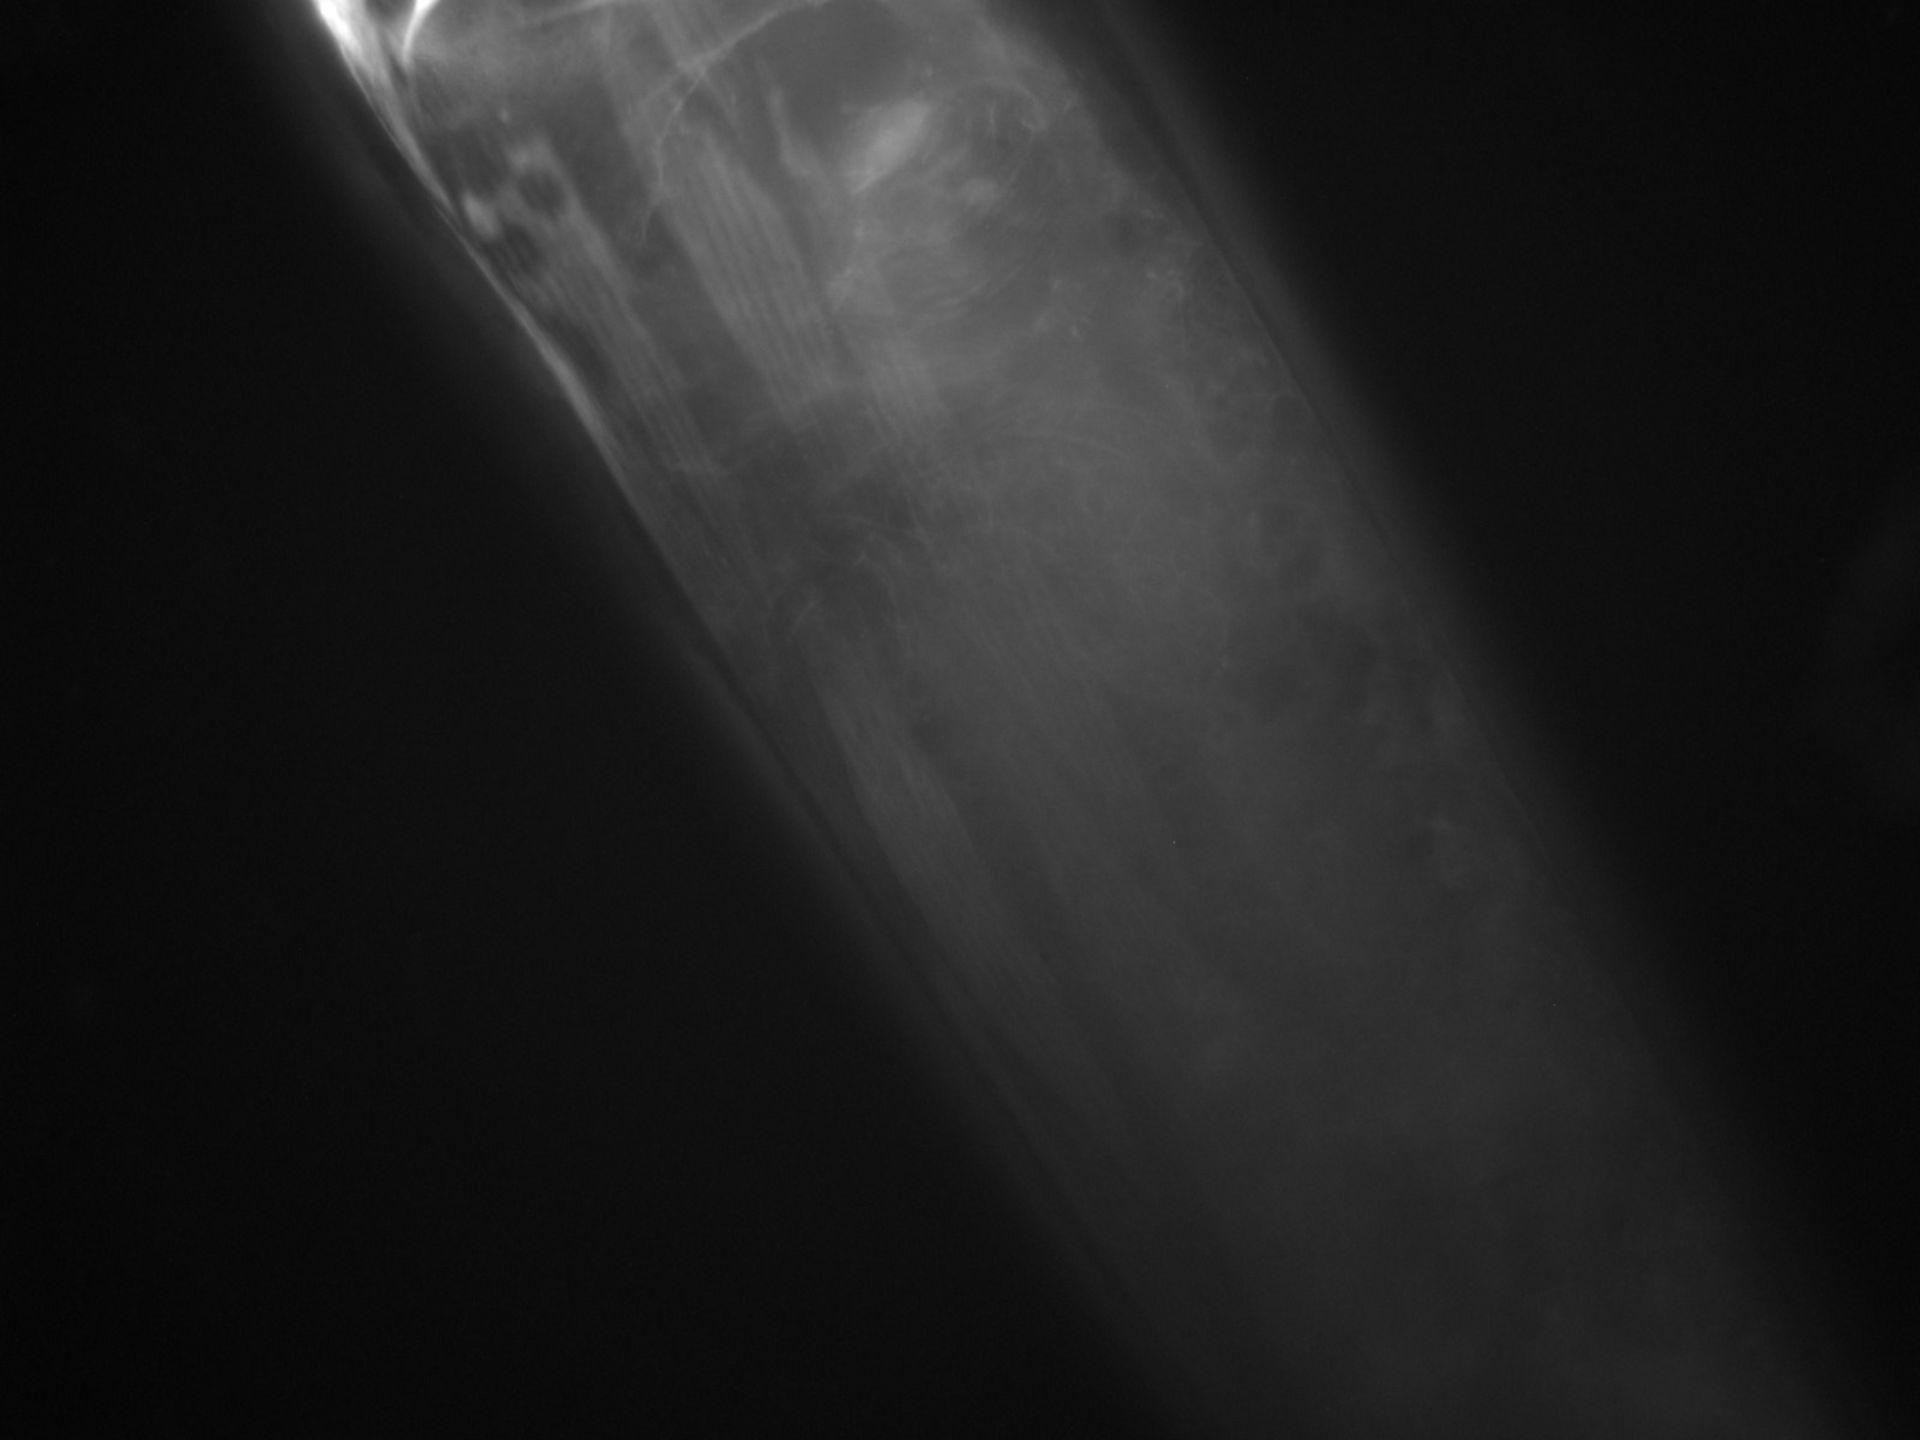 Caenorhabditis elegans (filamento di actina) - CIL:1294